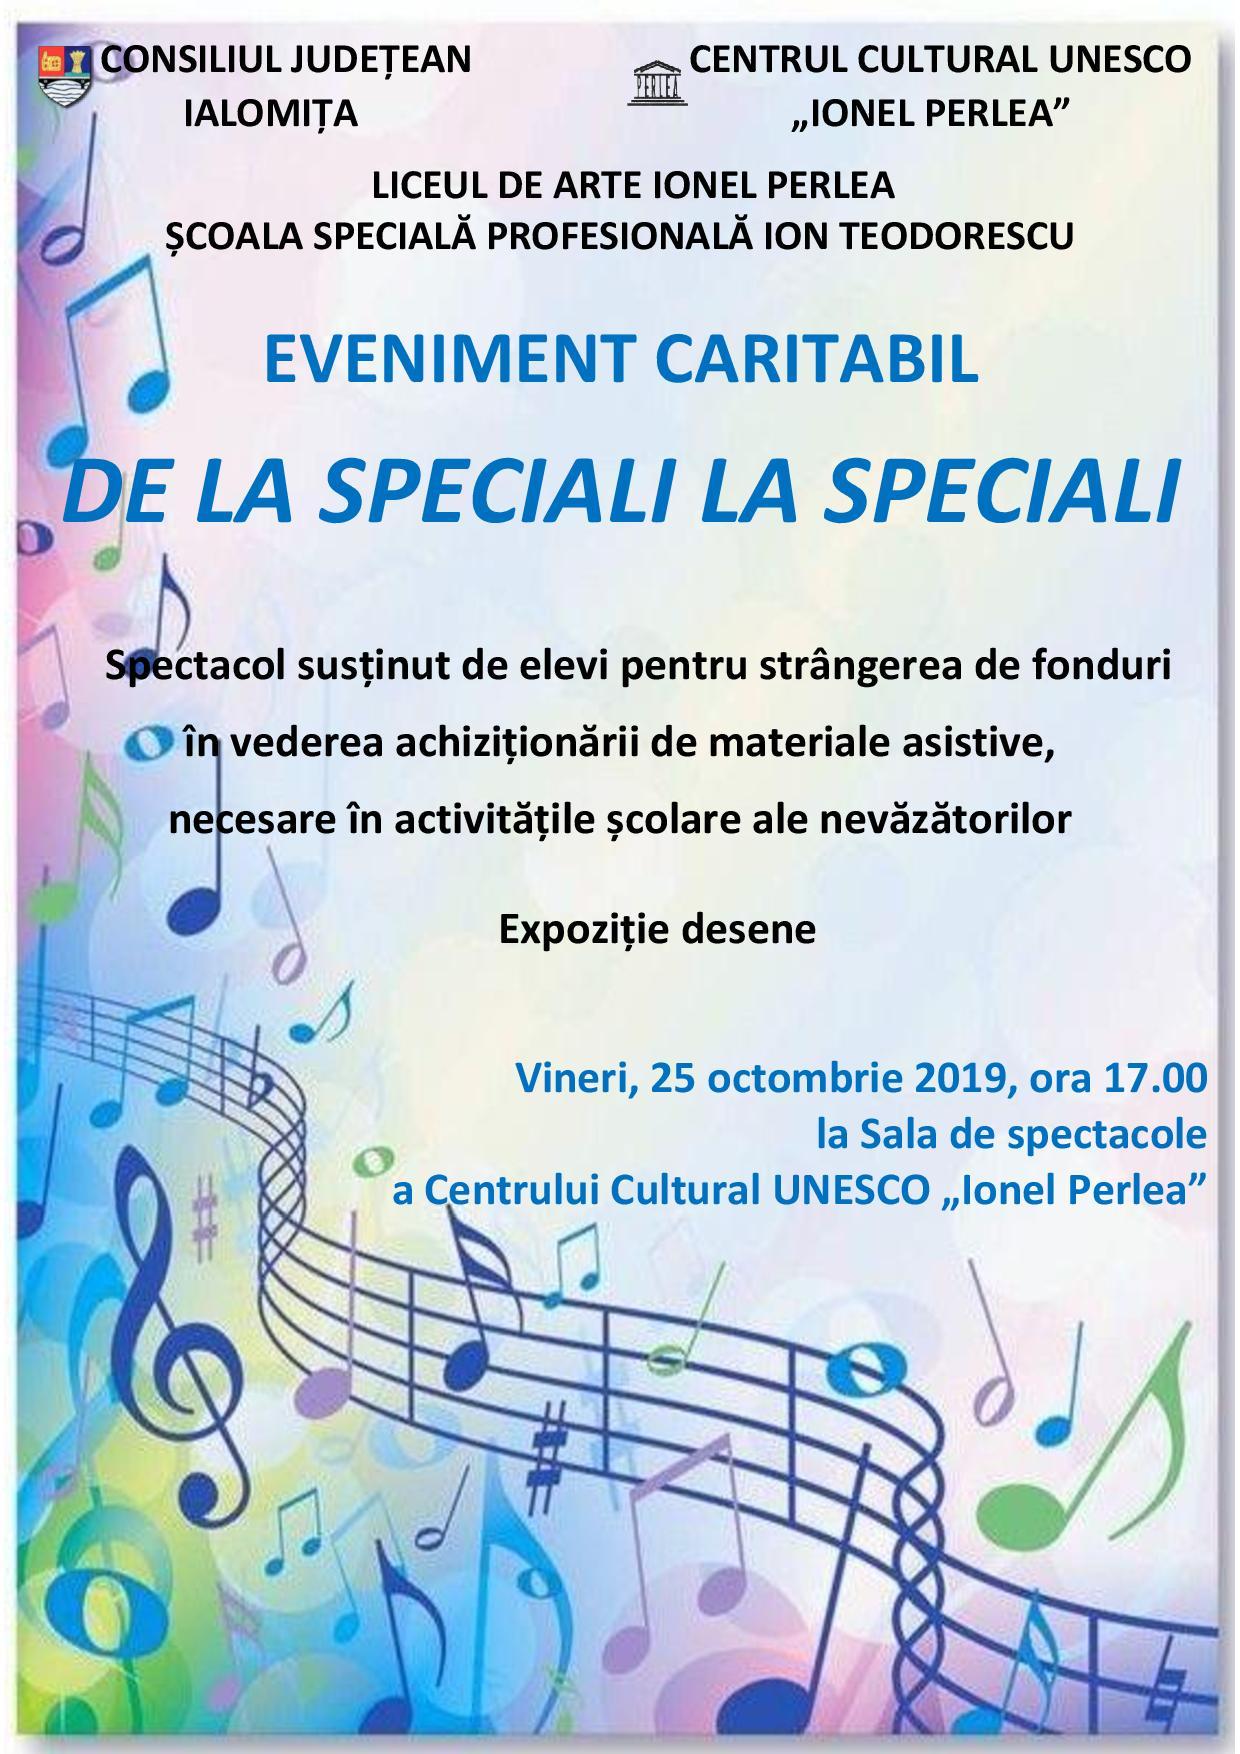 """Eveniment caritabil – DE LA SPECIALI LA SPECIALI, 25 octombrie 2019, ora 17:00, Sala de spectacole a Centrului Cultural UNESCO ,,Ionel Perlea"""""""